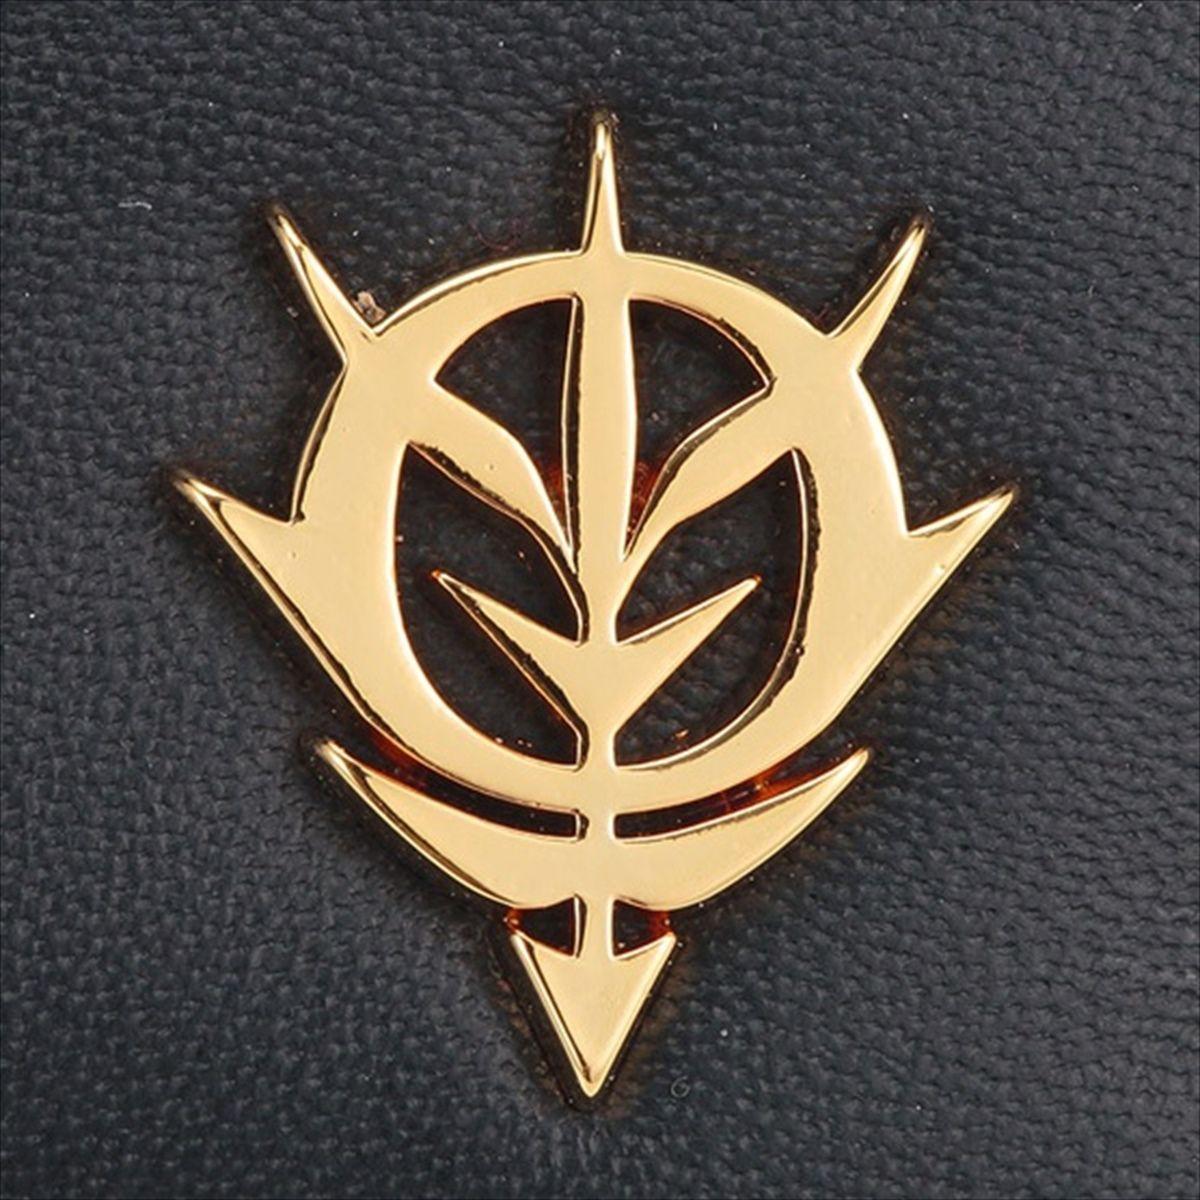 Mobile Suit Gundam Zeon Golden Emblem Key Case